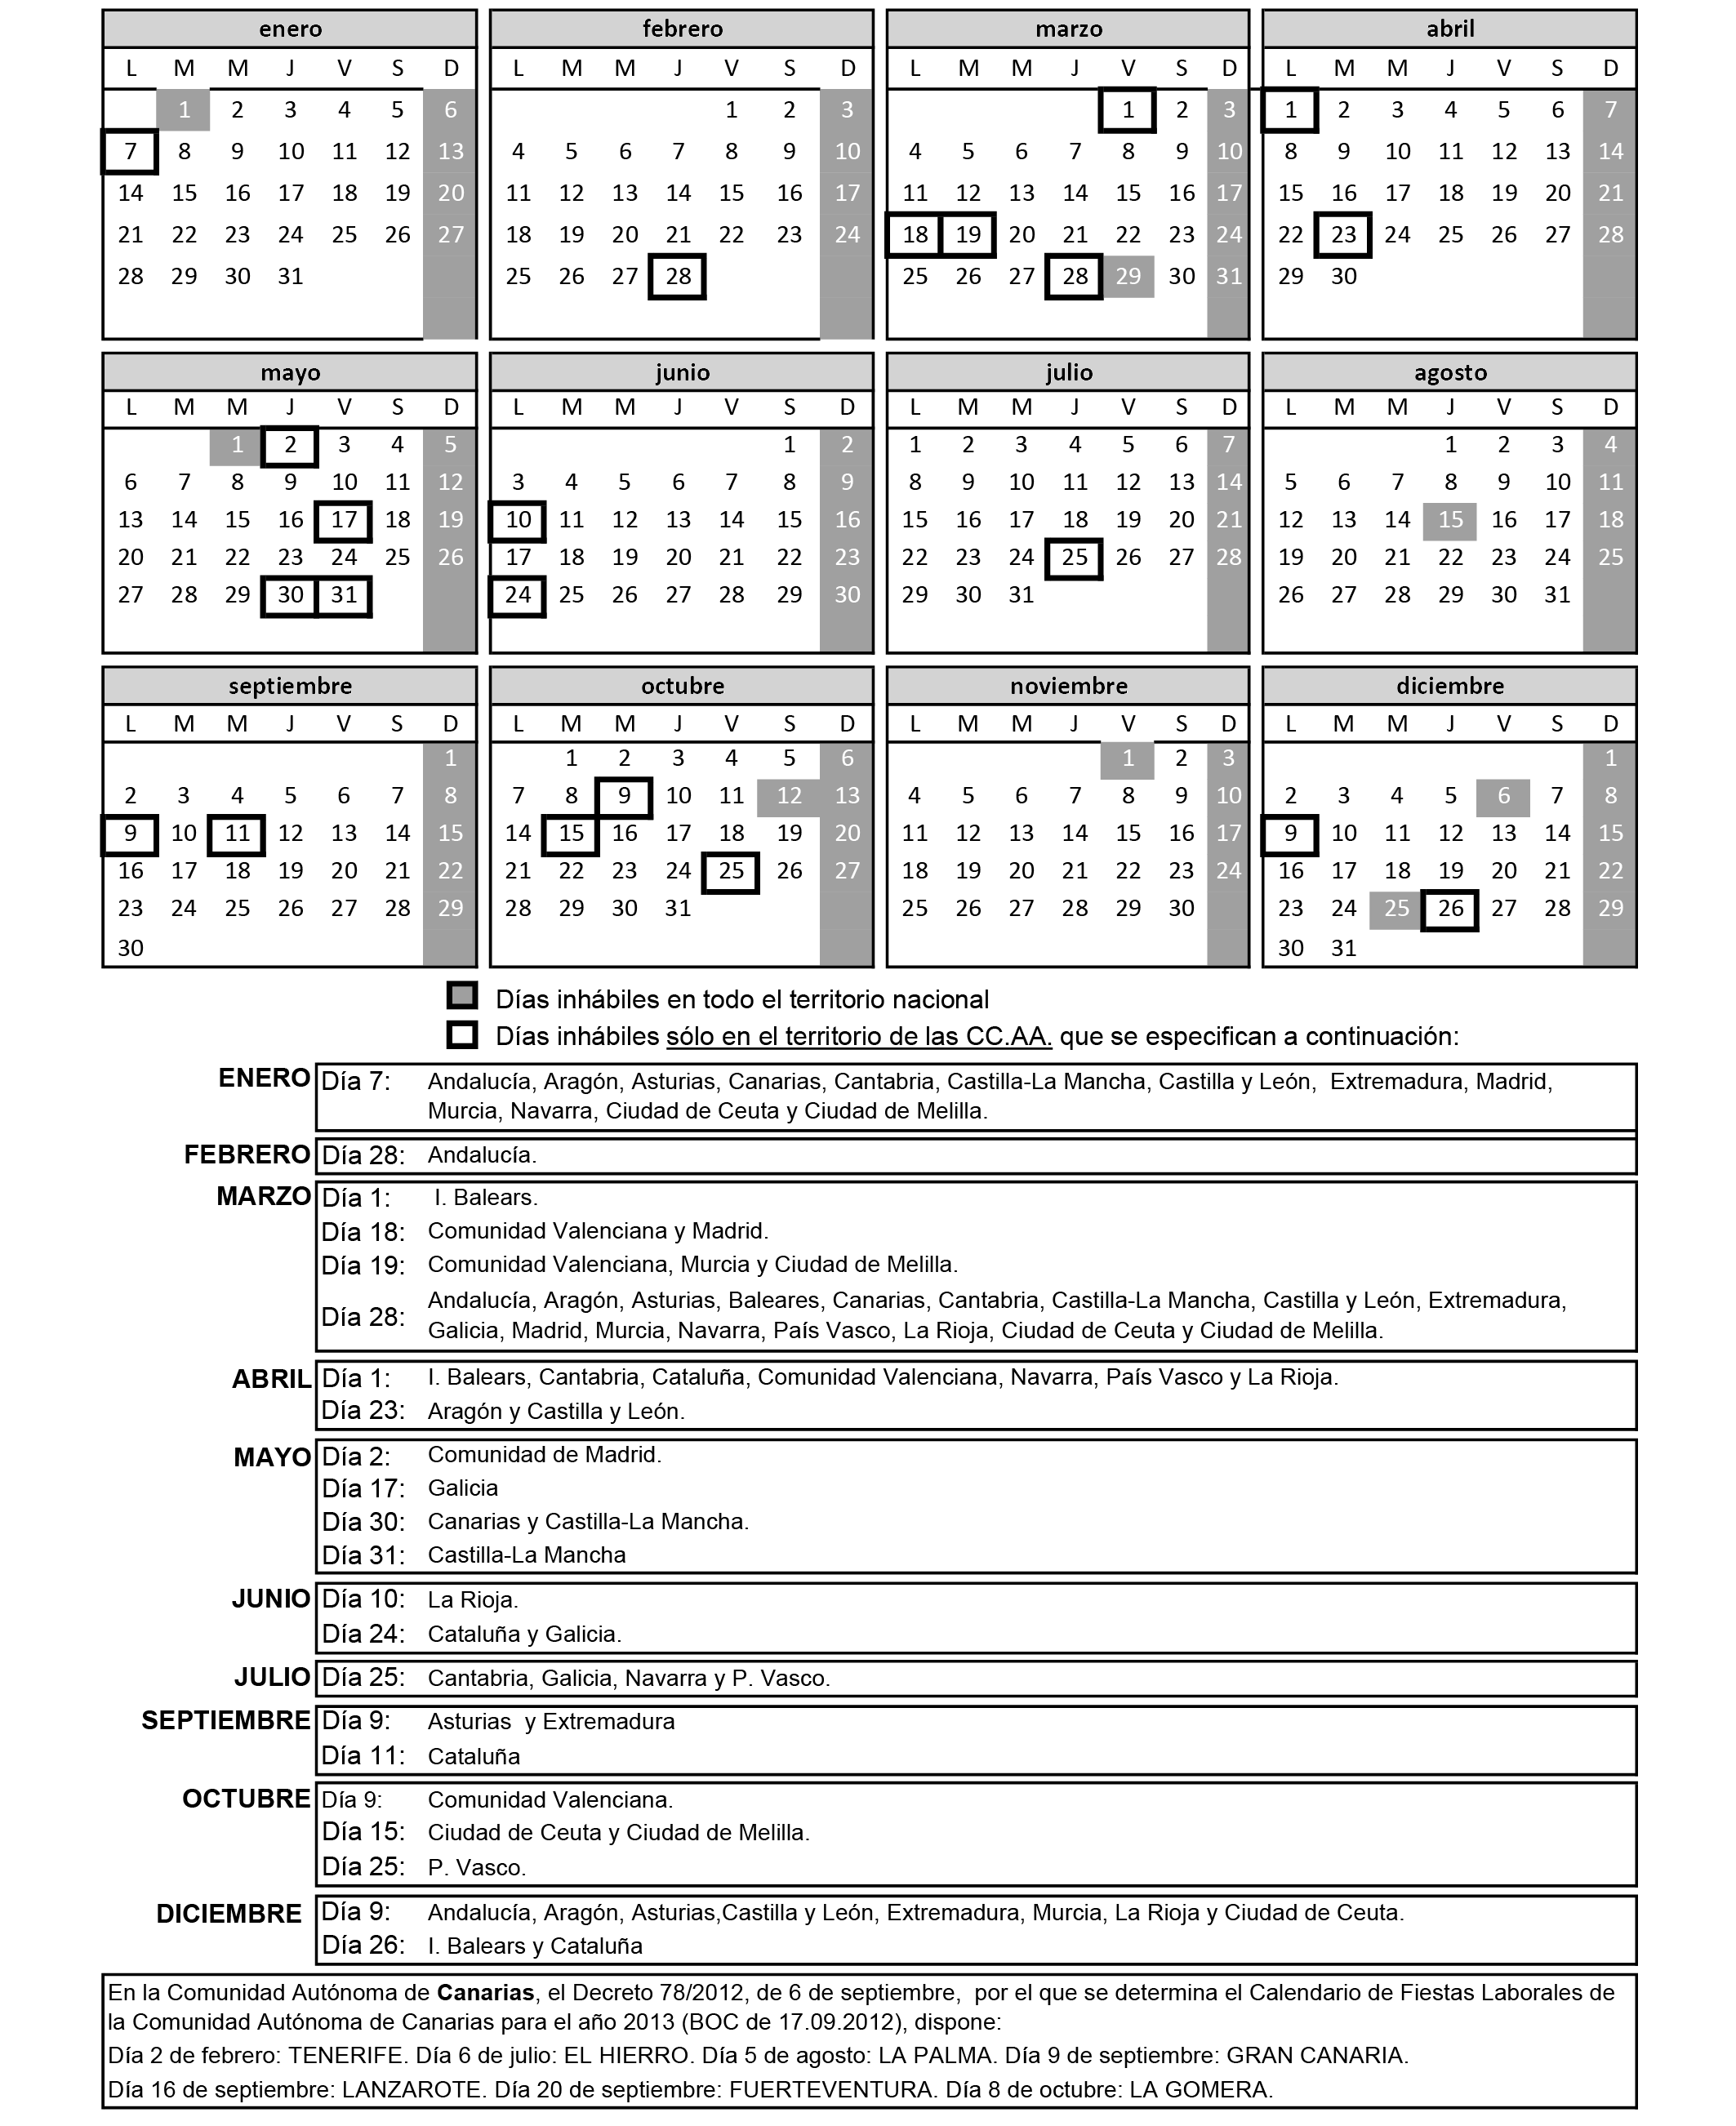 Boe Calendario.Boe Es Documento Boe A 2012 14453